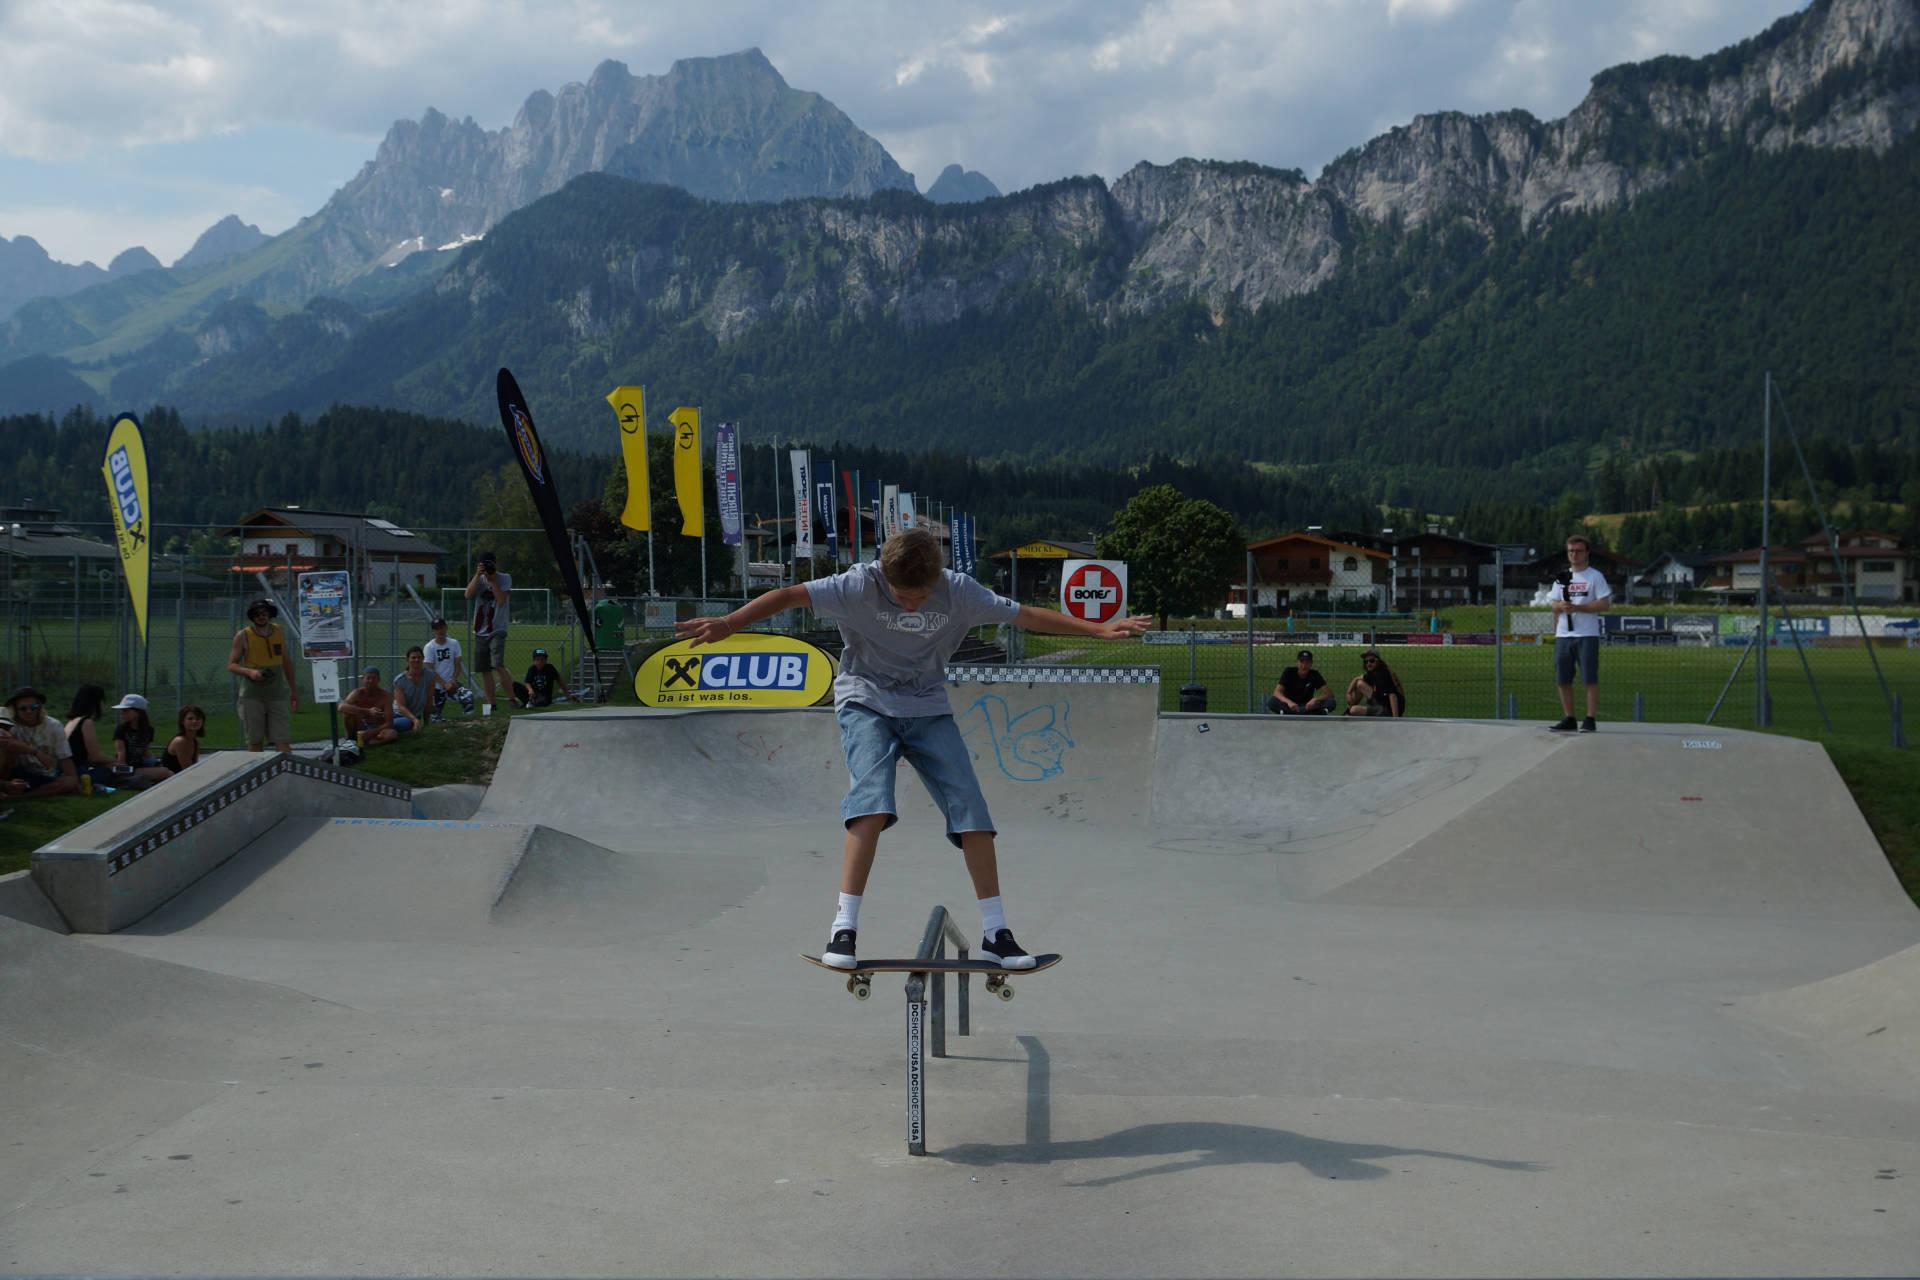 skateboardheadz st johann in tirol kgt 2019 finale 00037